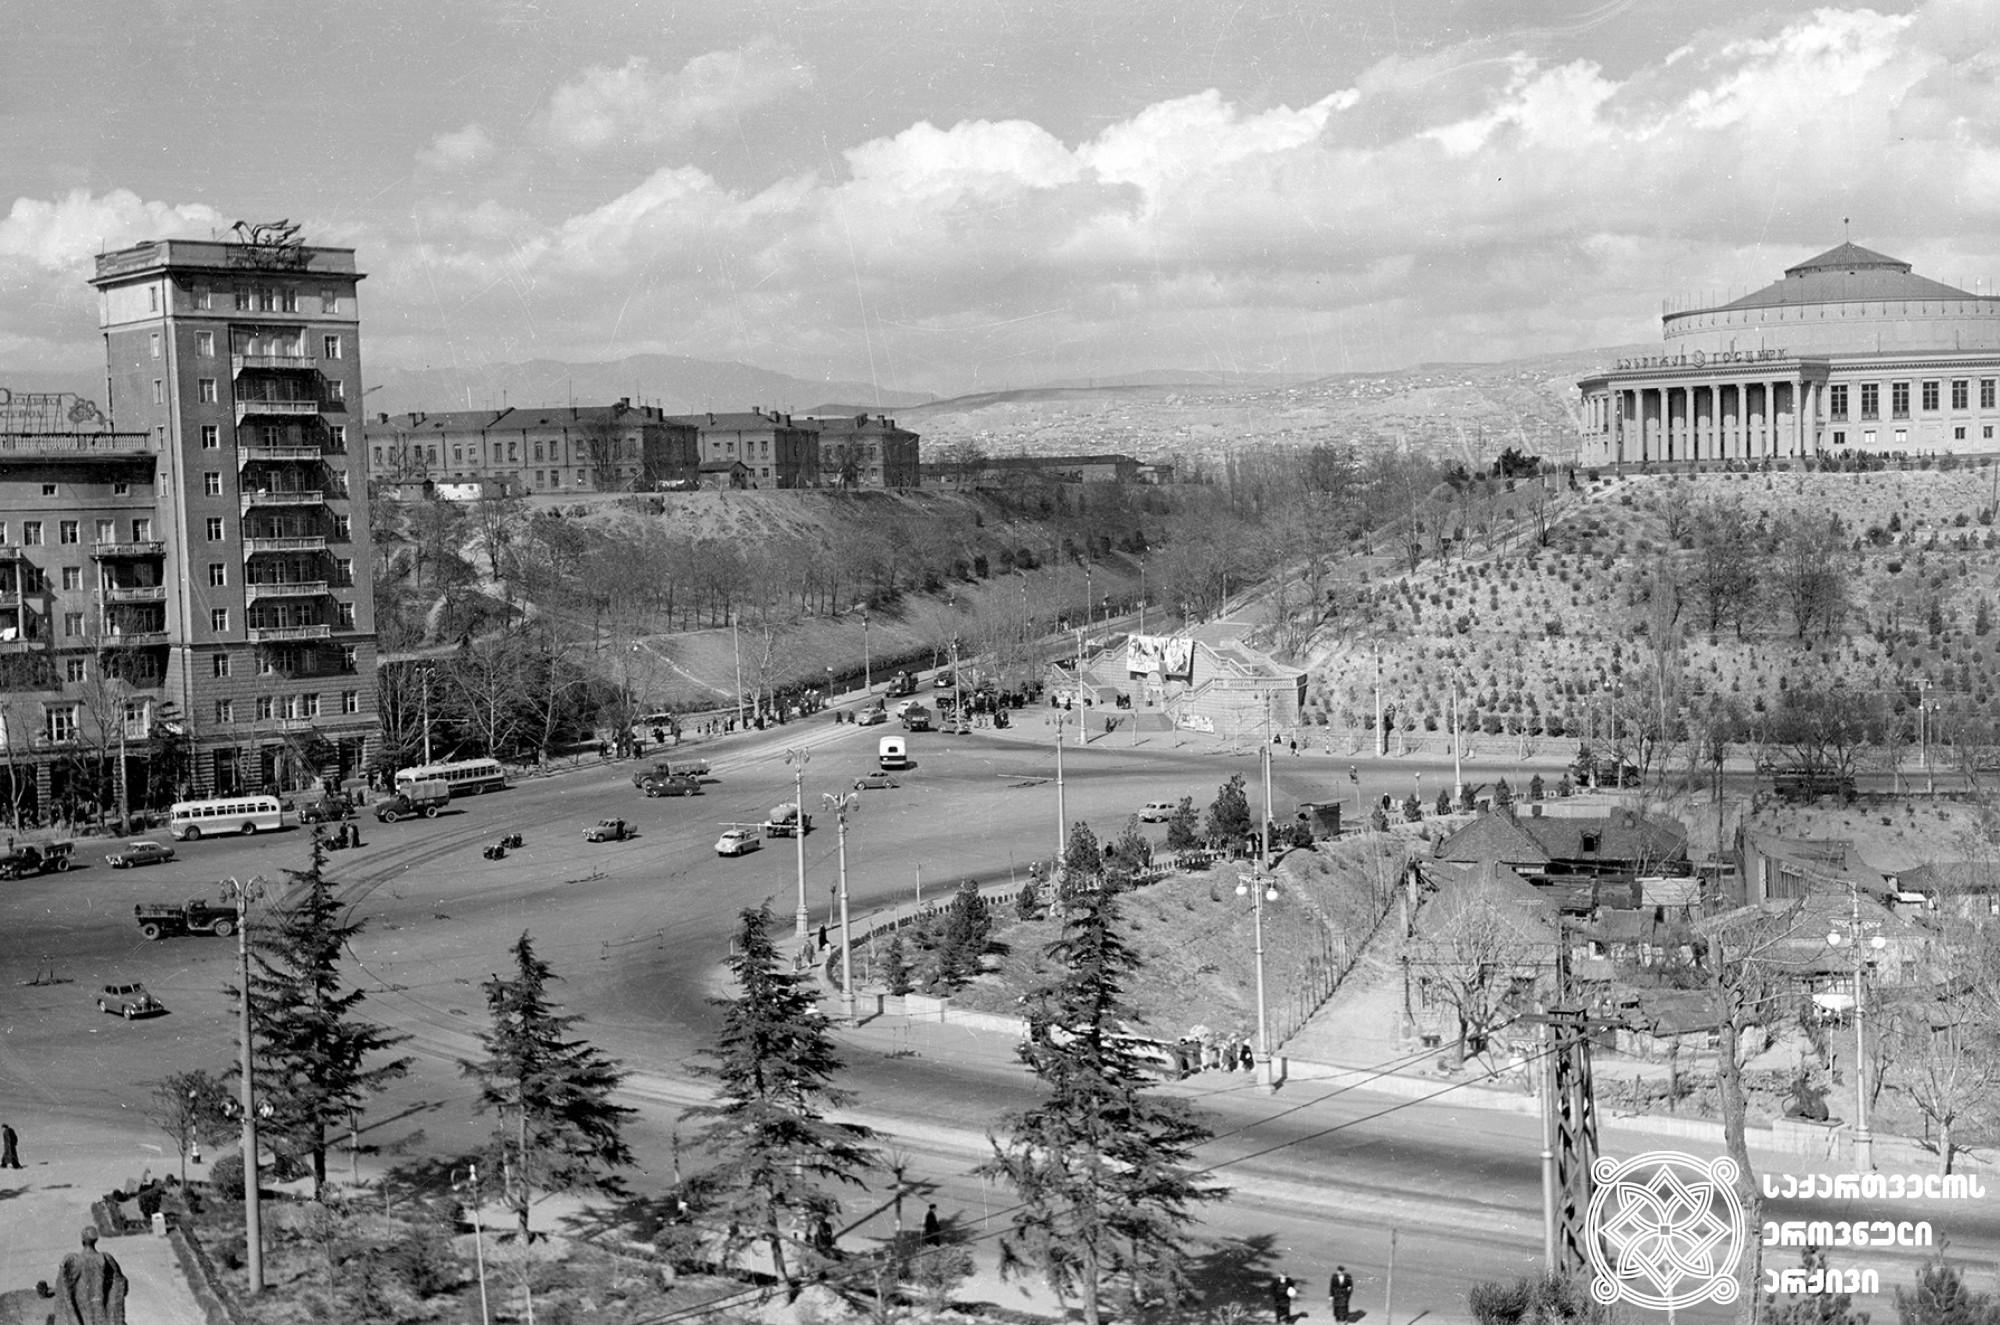 გმირთა მოედანი. საერთო ხედი. თბილისი. <br>ფოტო: დ. სმირნოვი. <br>1959-1960. <br> Heroes' Square. General View. <br> Tbilisi. Photo by D. Smirnov. <br>1959-1960